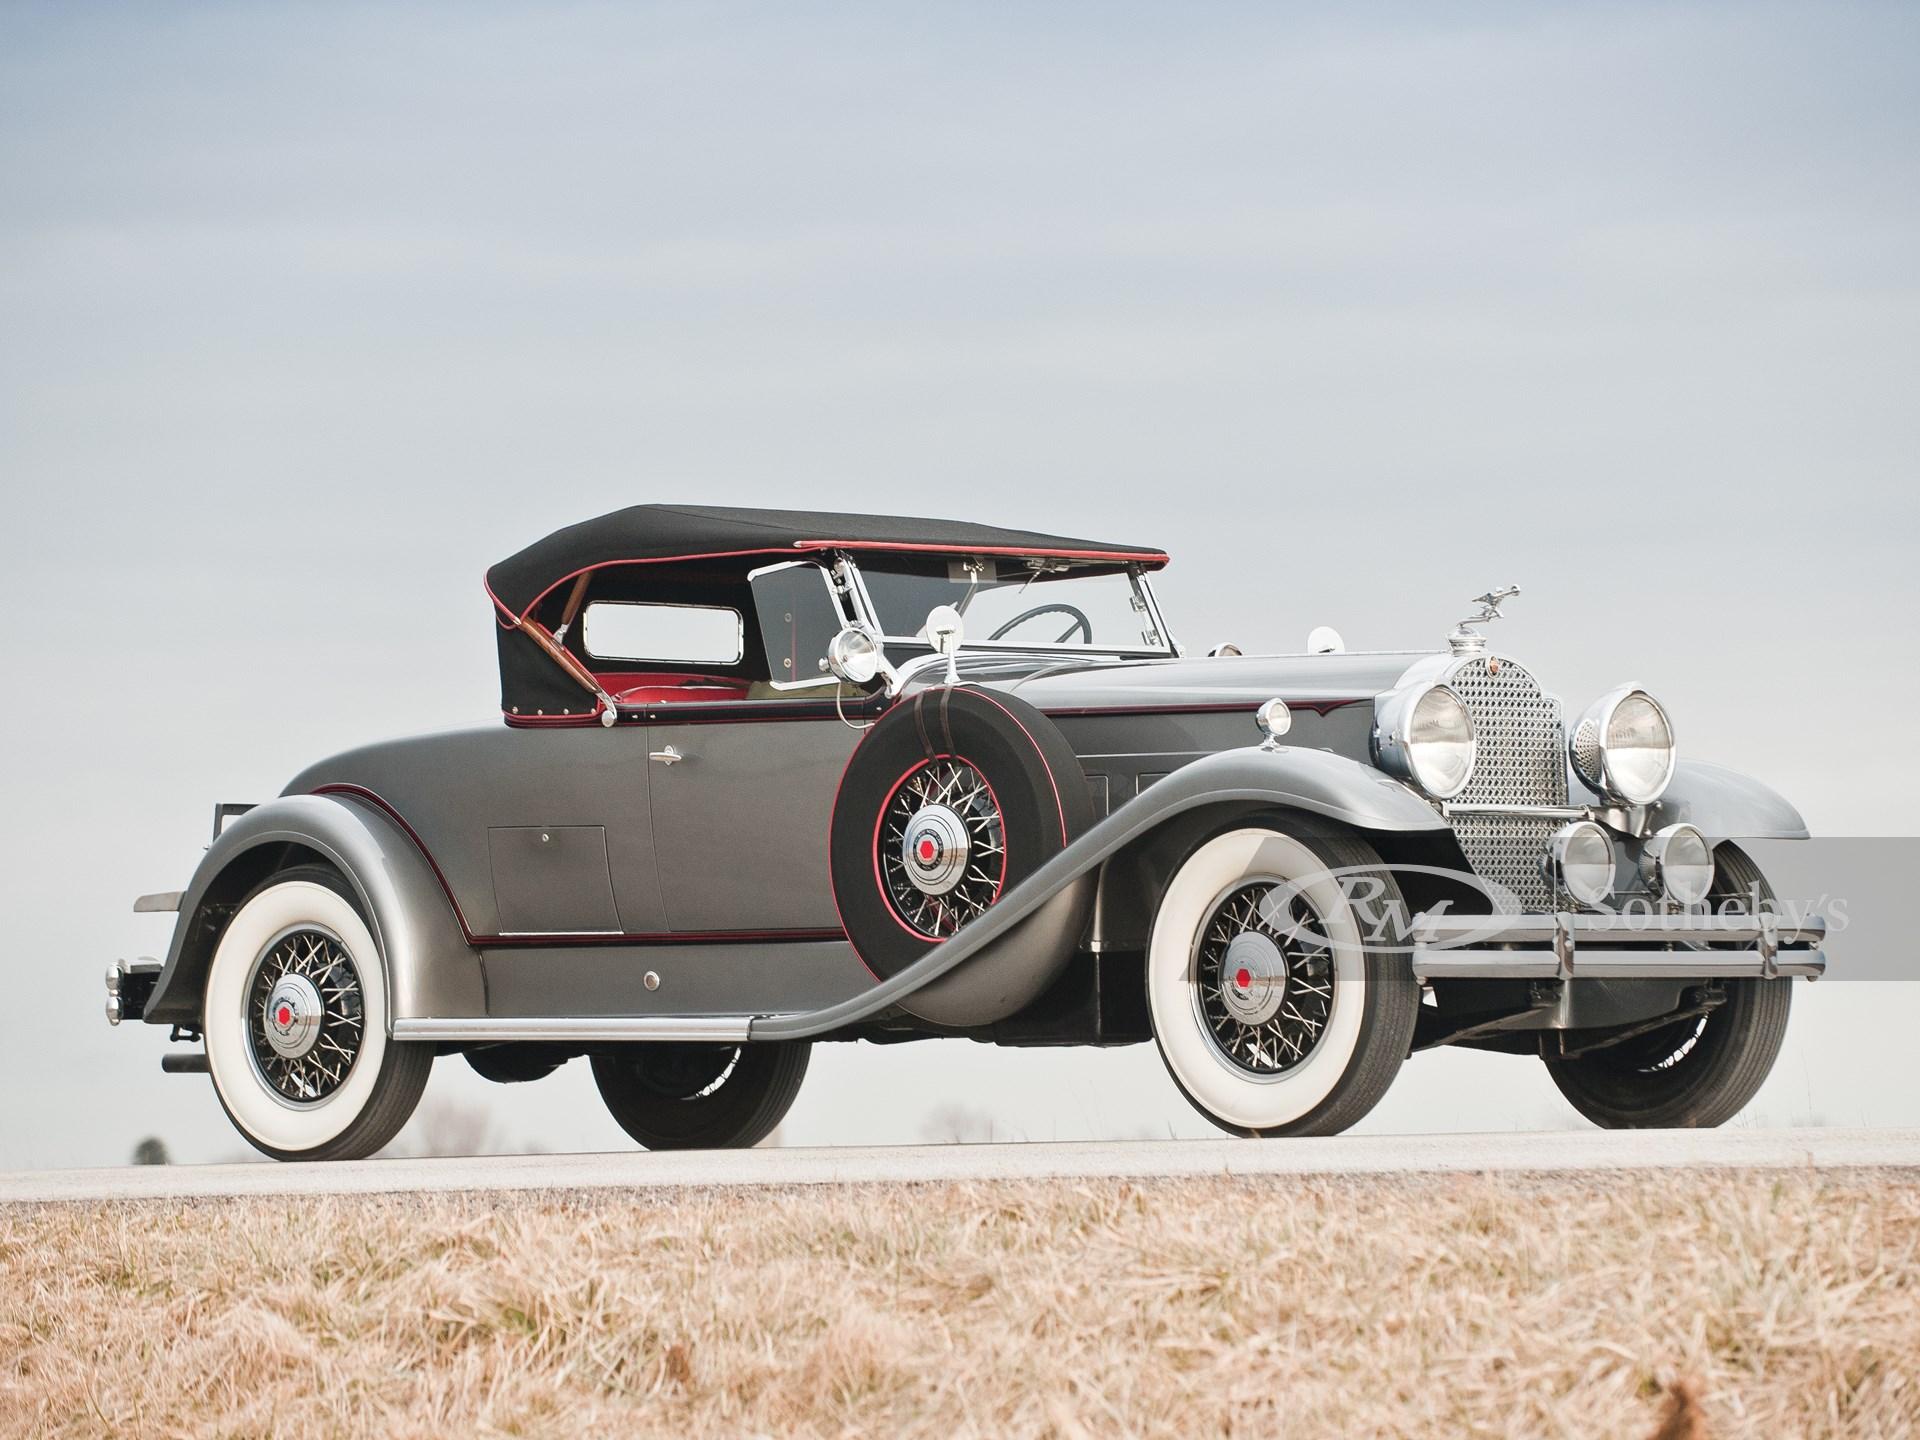 1931 Packard 840 DeLuxe Rumble Seat Roadster